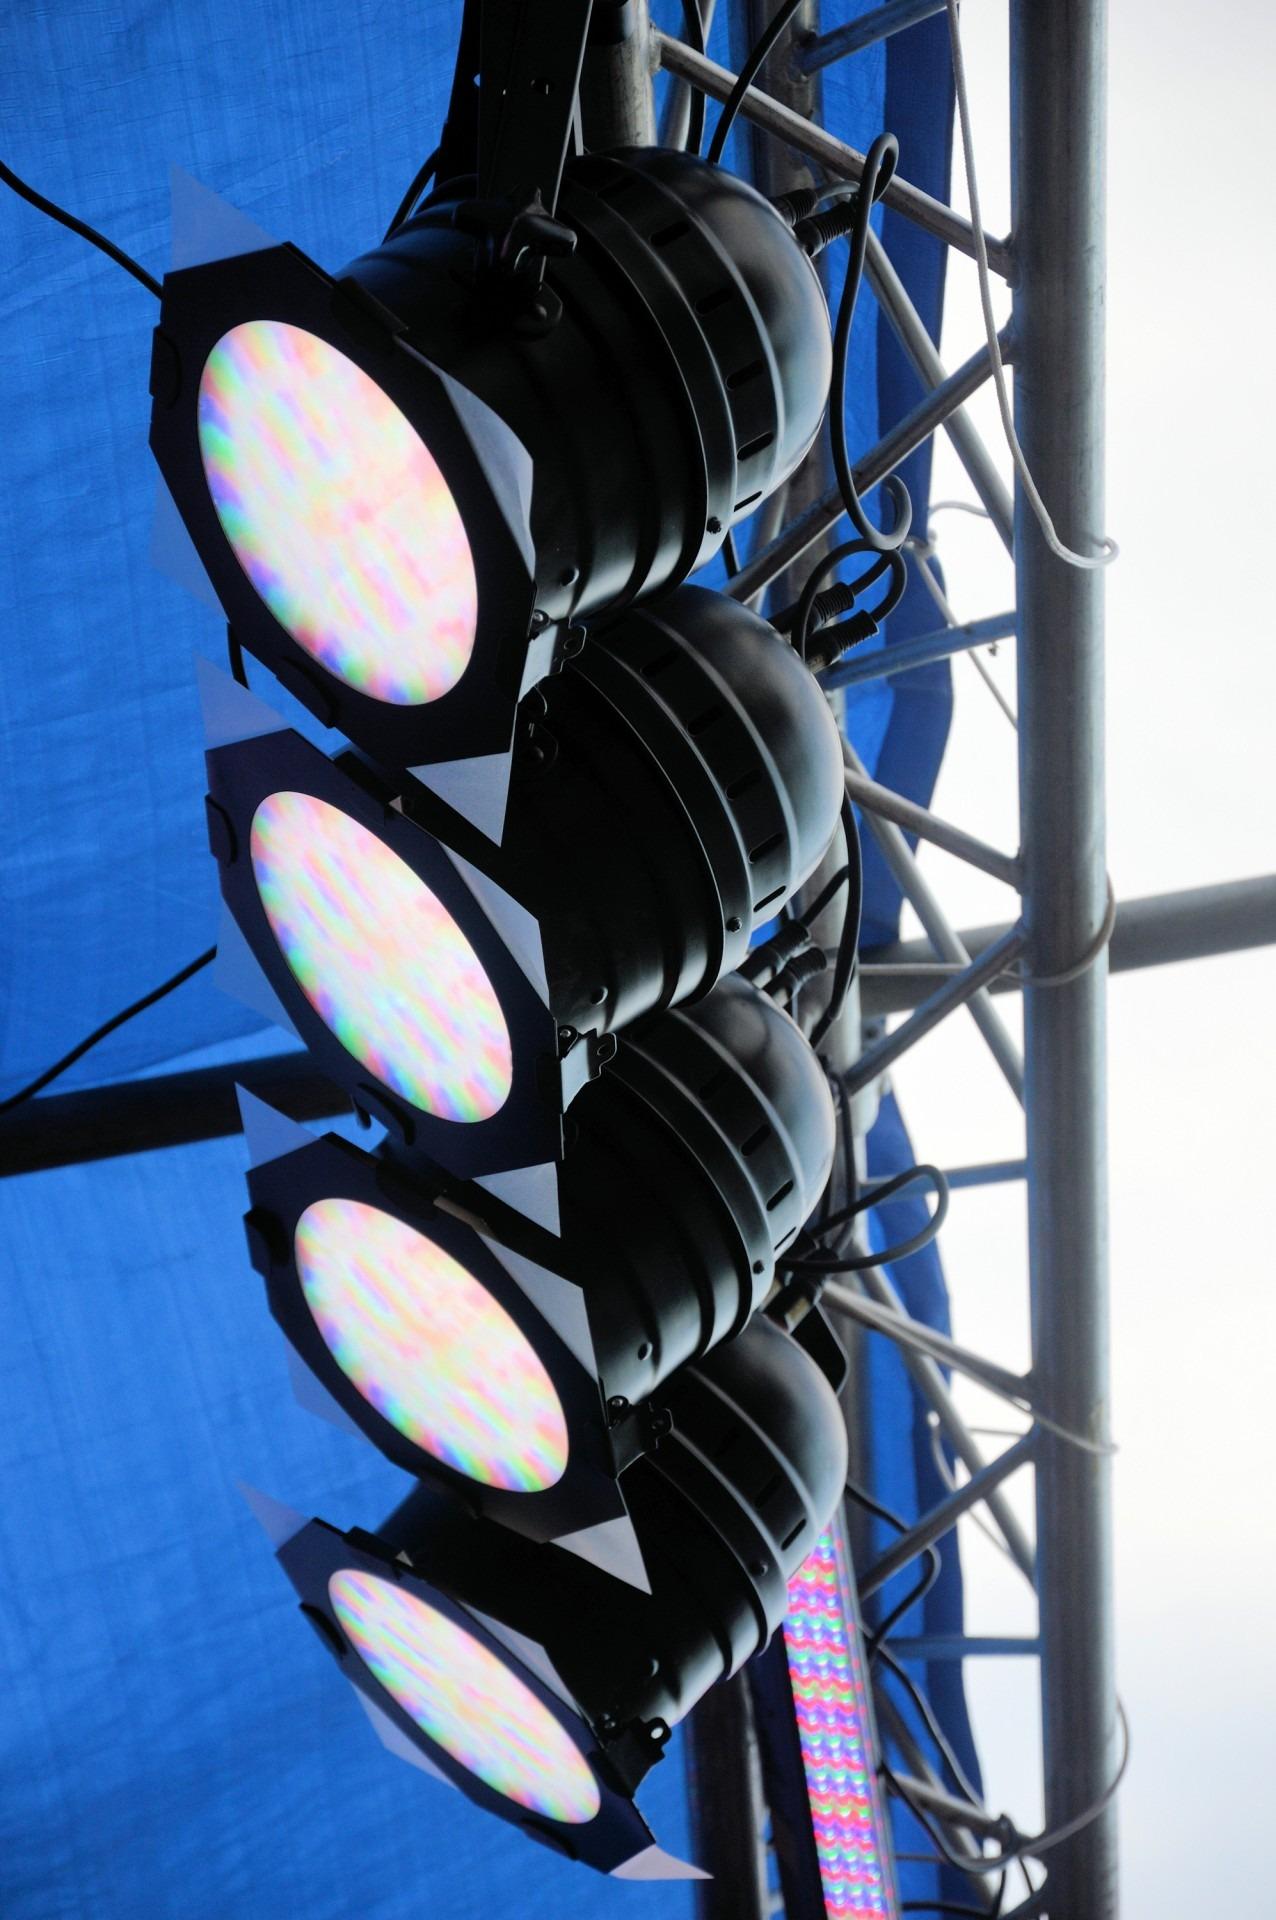 Gratuites lumi¨re roue concert montrer lampe éclairage